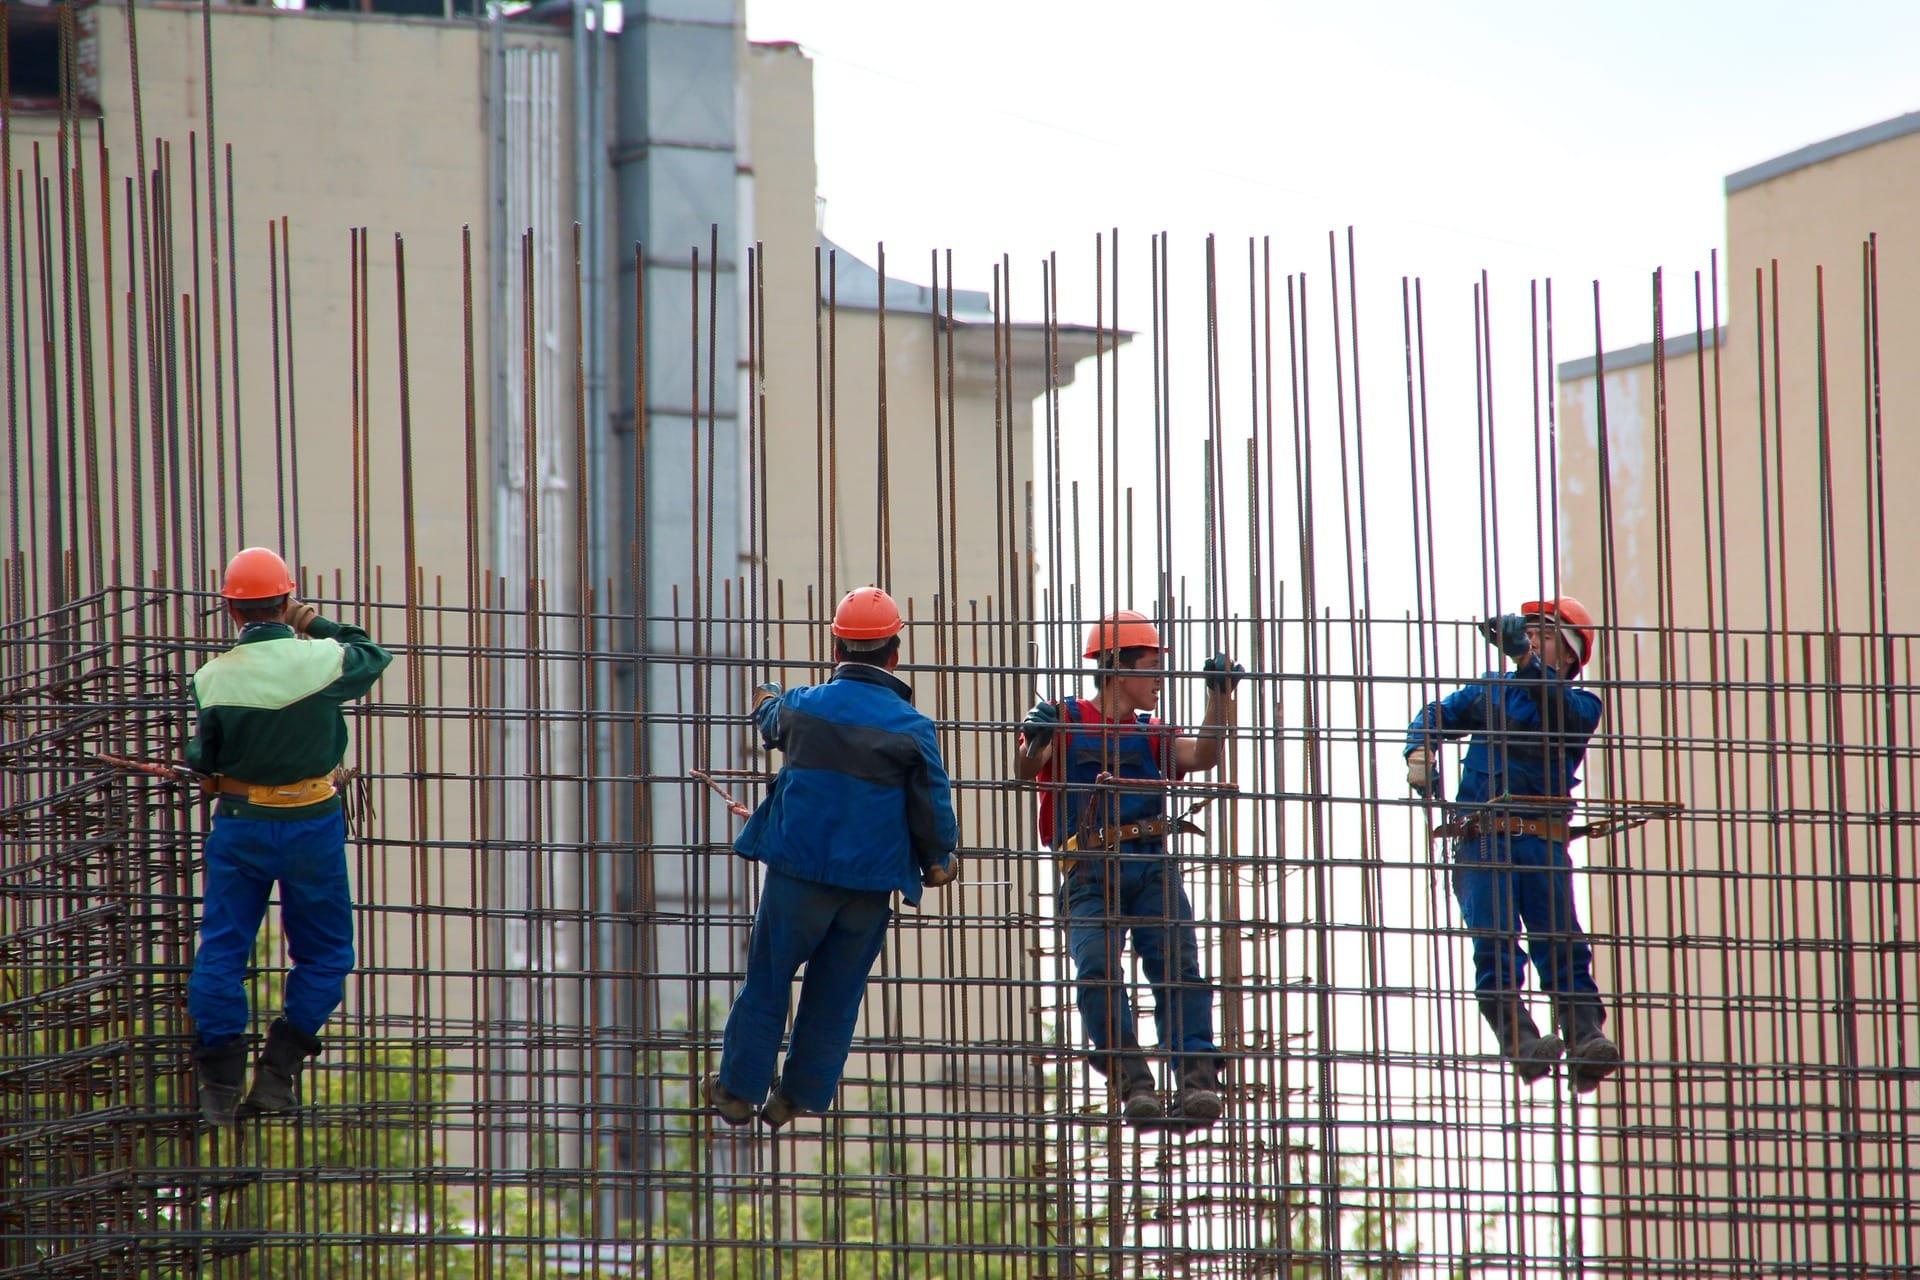 Steelworks Dangerous Work